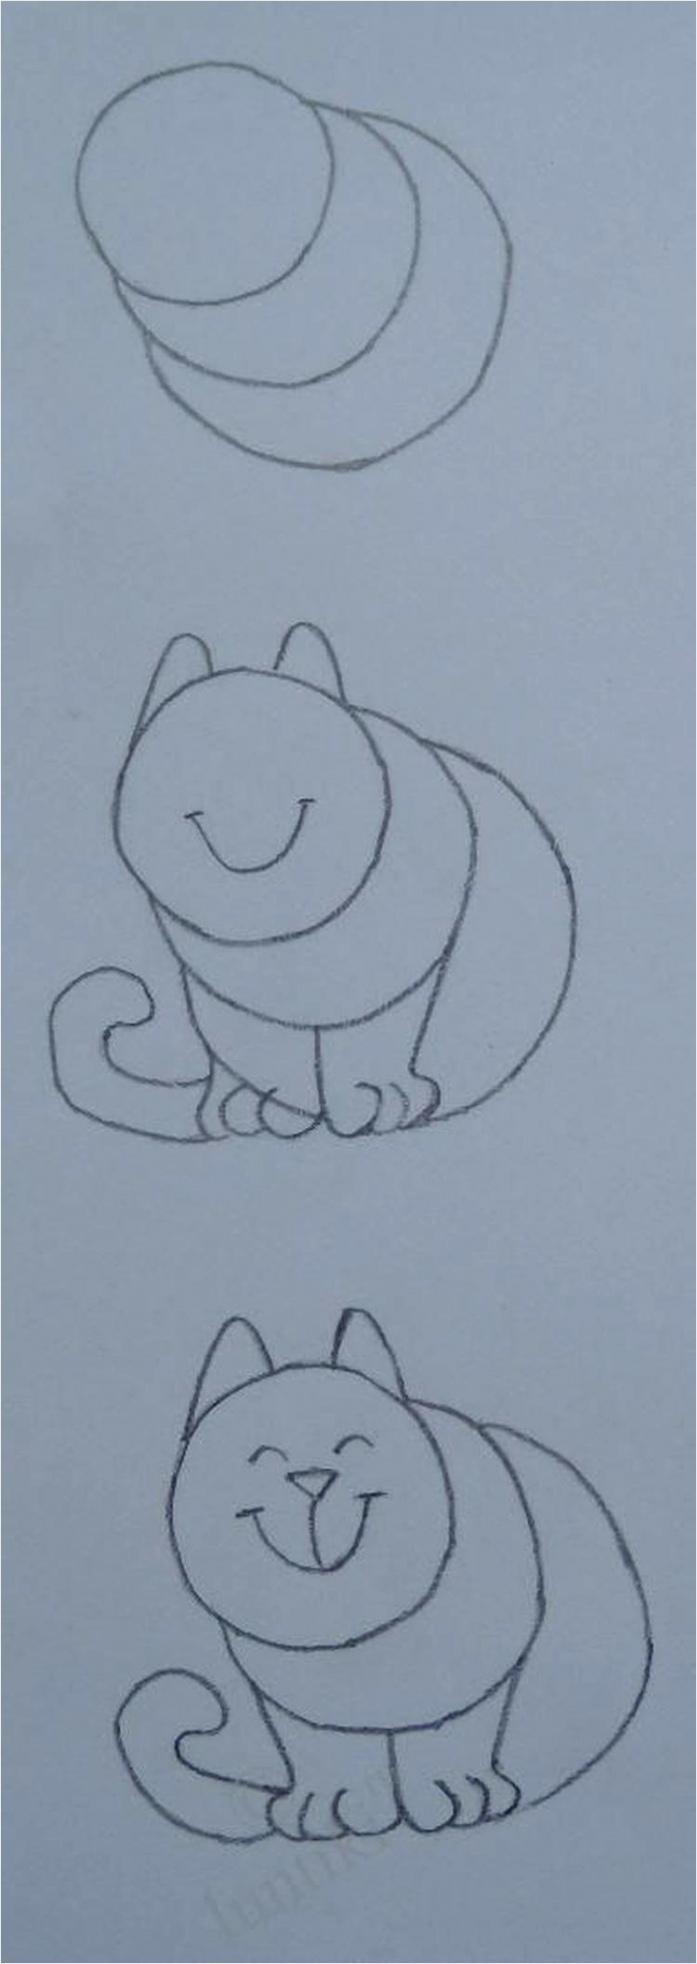 hoe simpel kan je een kat tekenen van Ploink RmBLR1t praoa